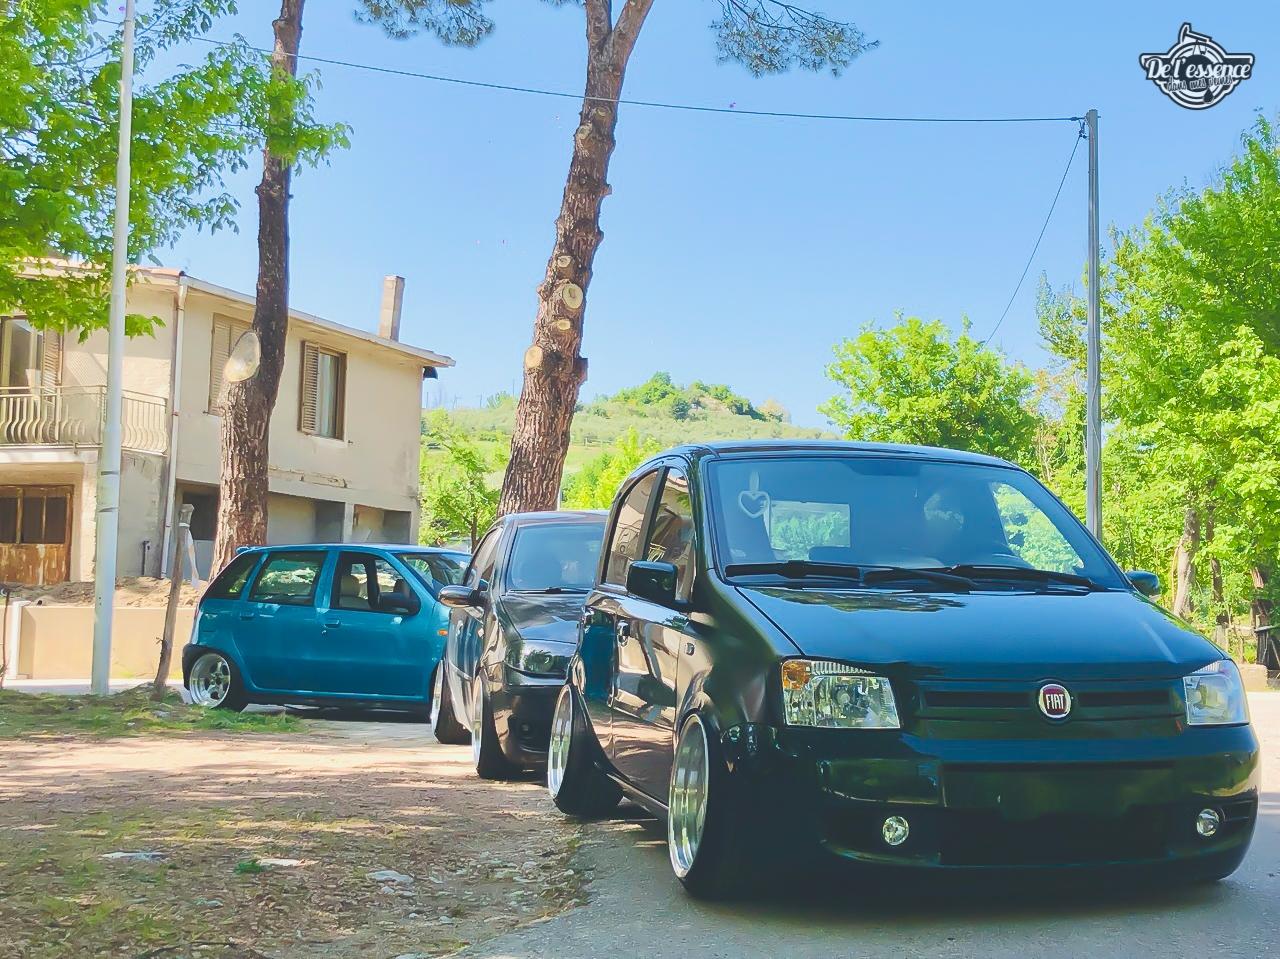 #Stance Discount - Buccaccio Gang #1 - Fiat Panda 14